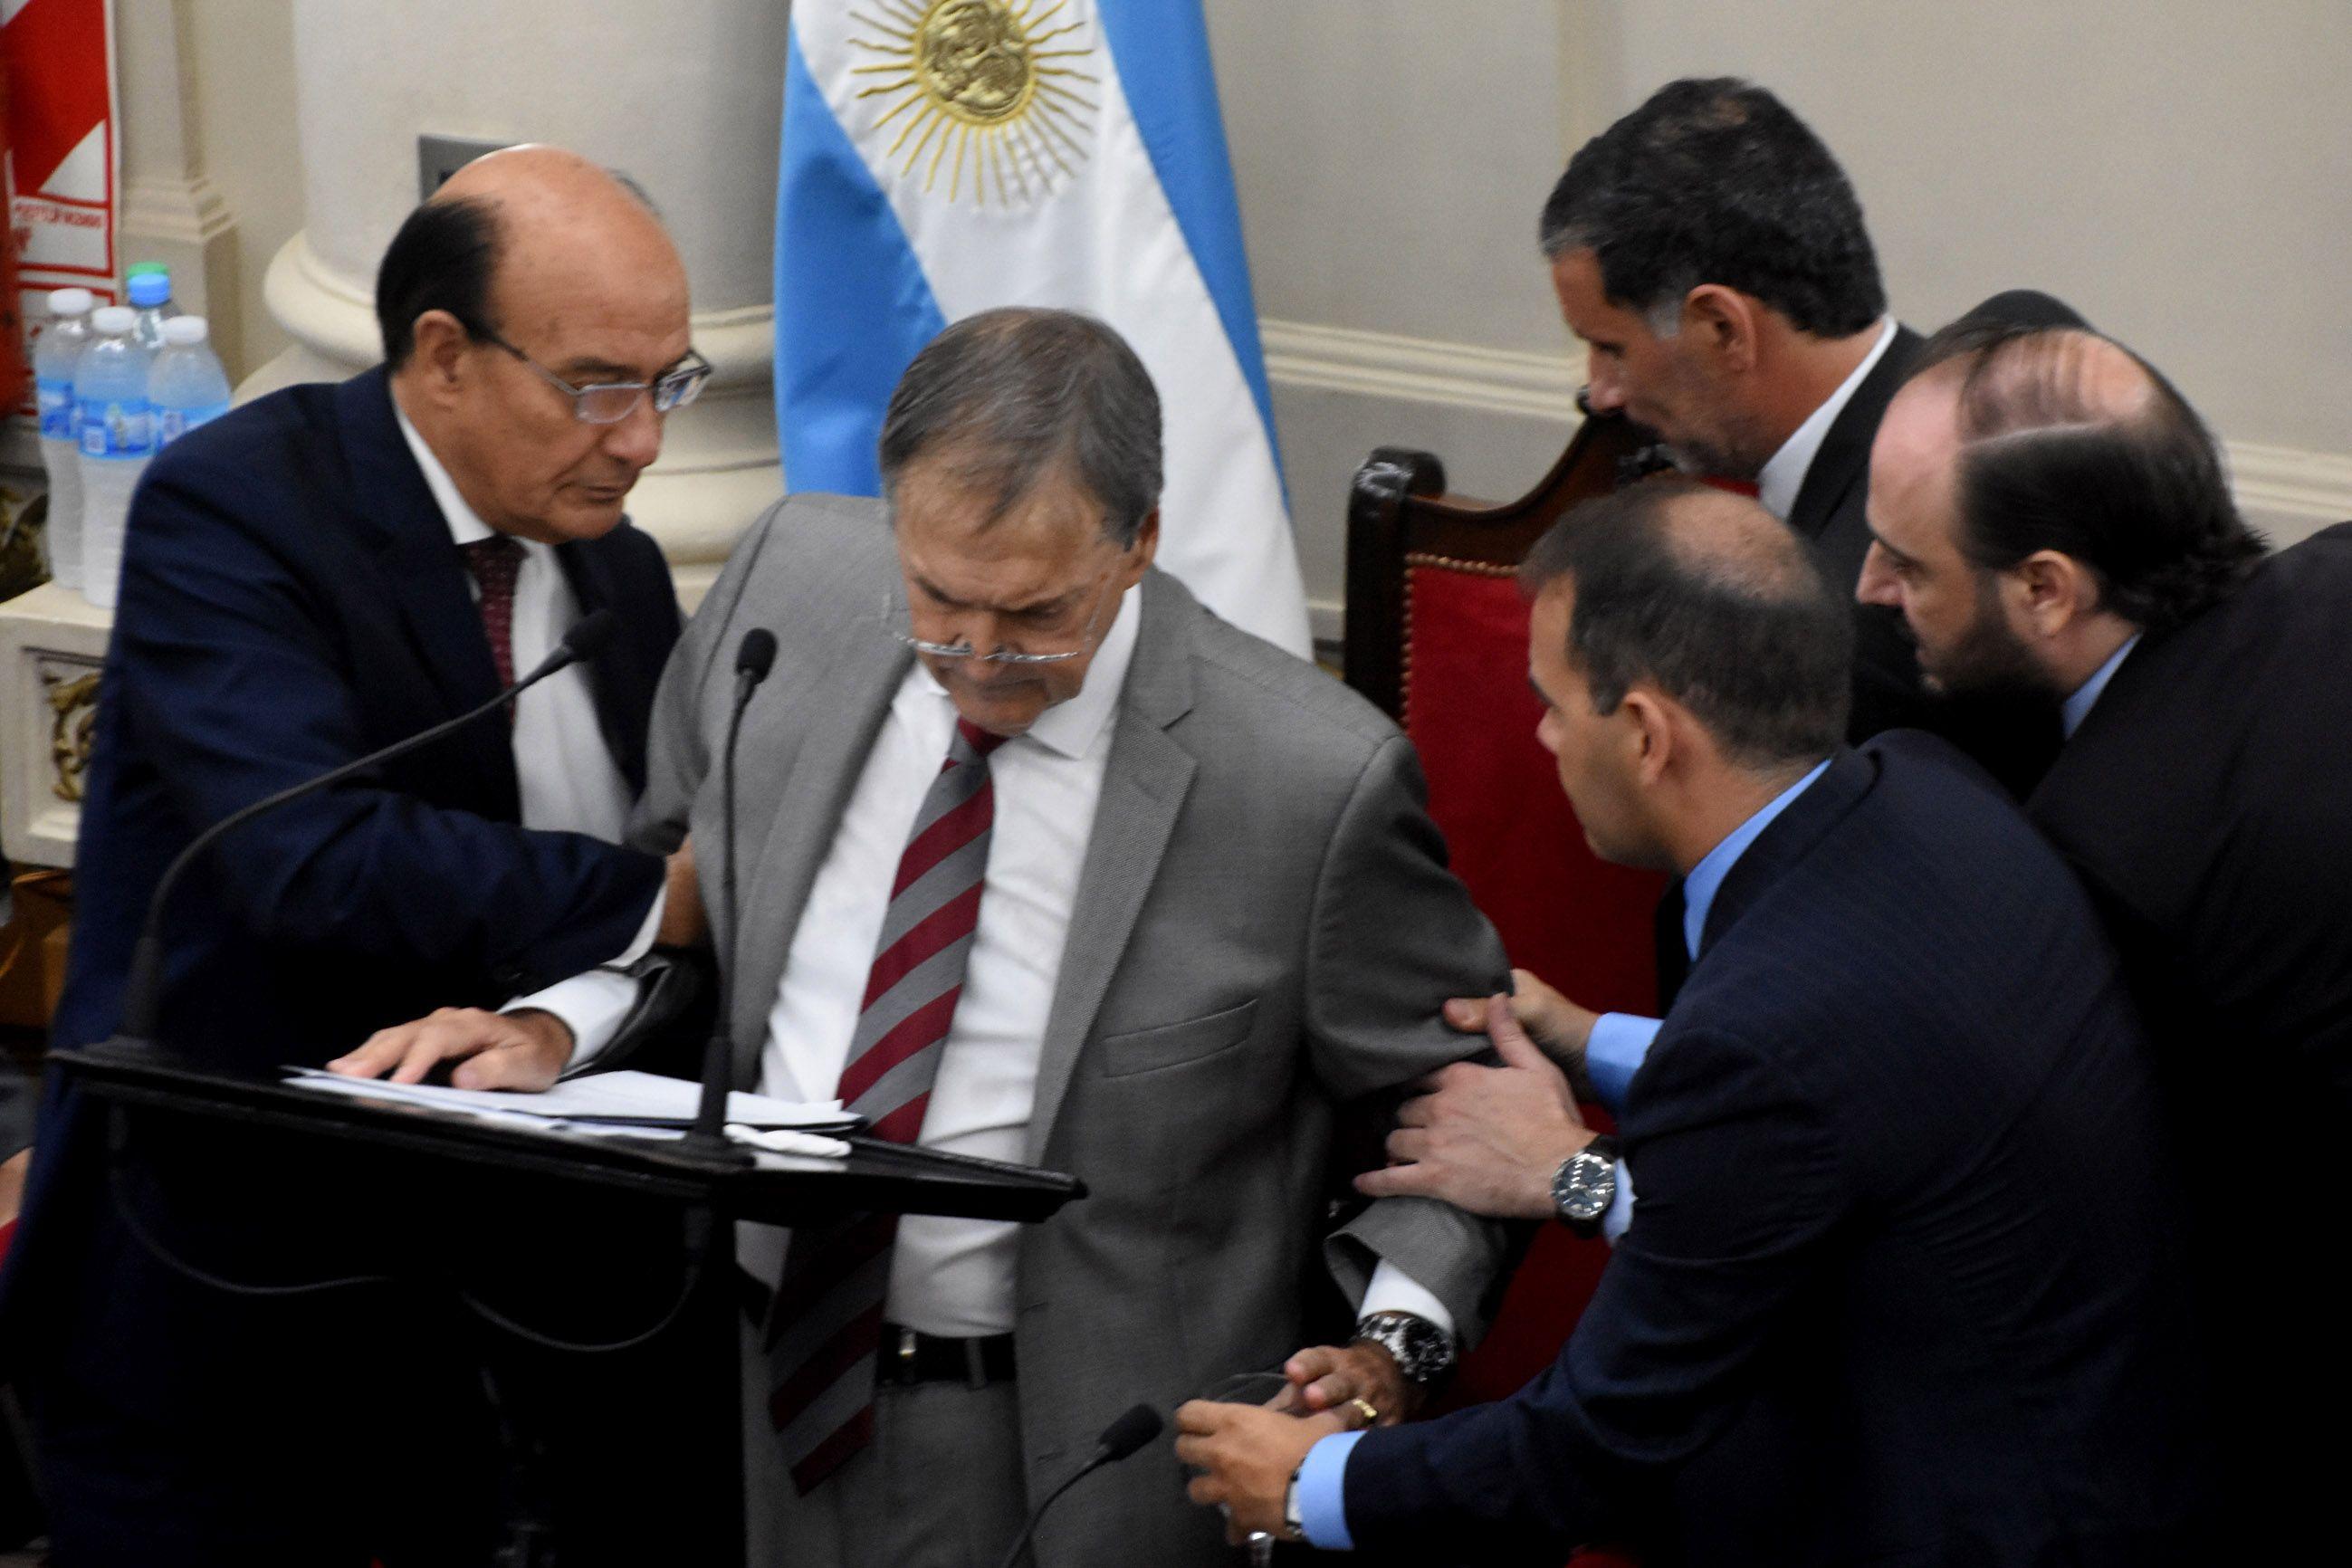 Schiaretti se descompensó y perdió la conciencia en la apertura de sesiones de Córdoba